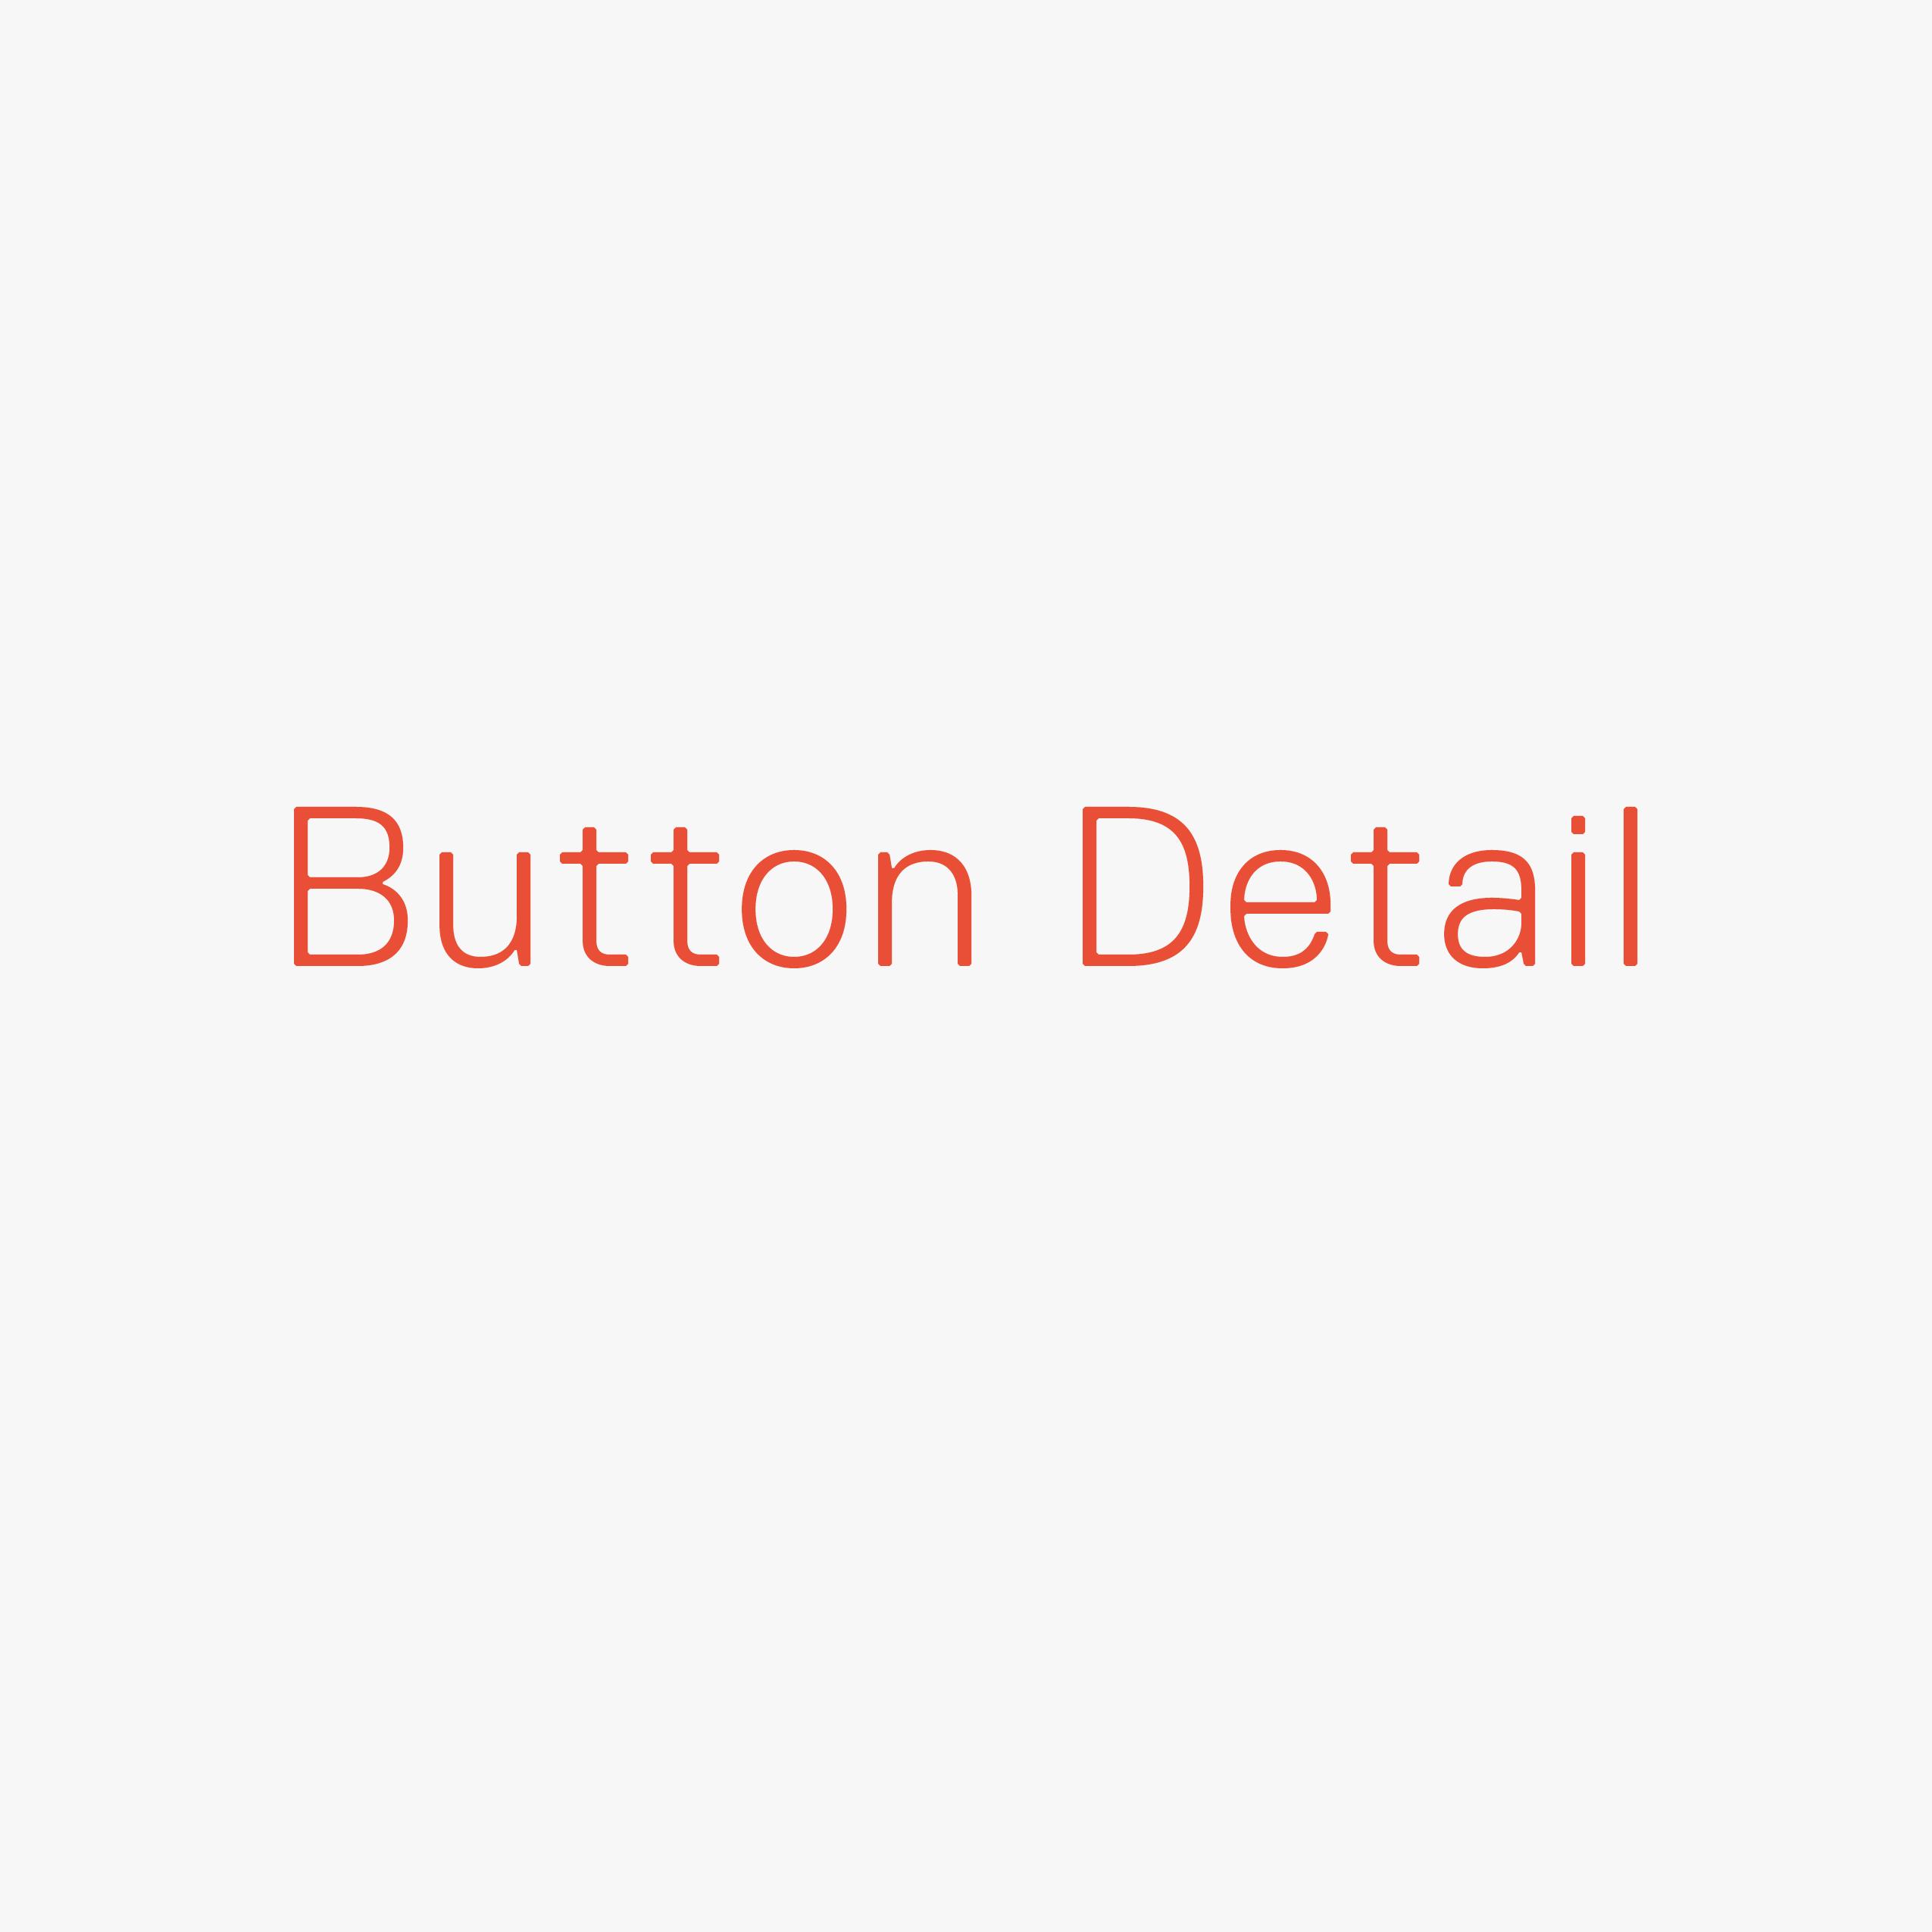 Button Detail Swatch